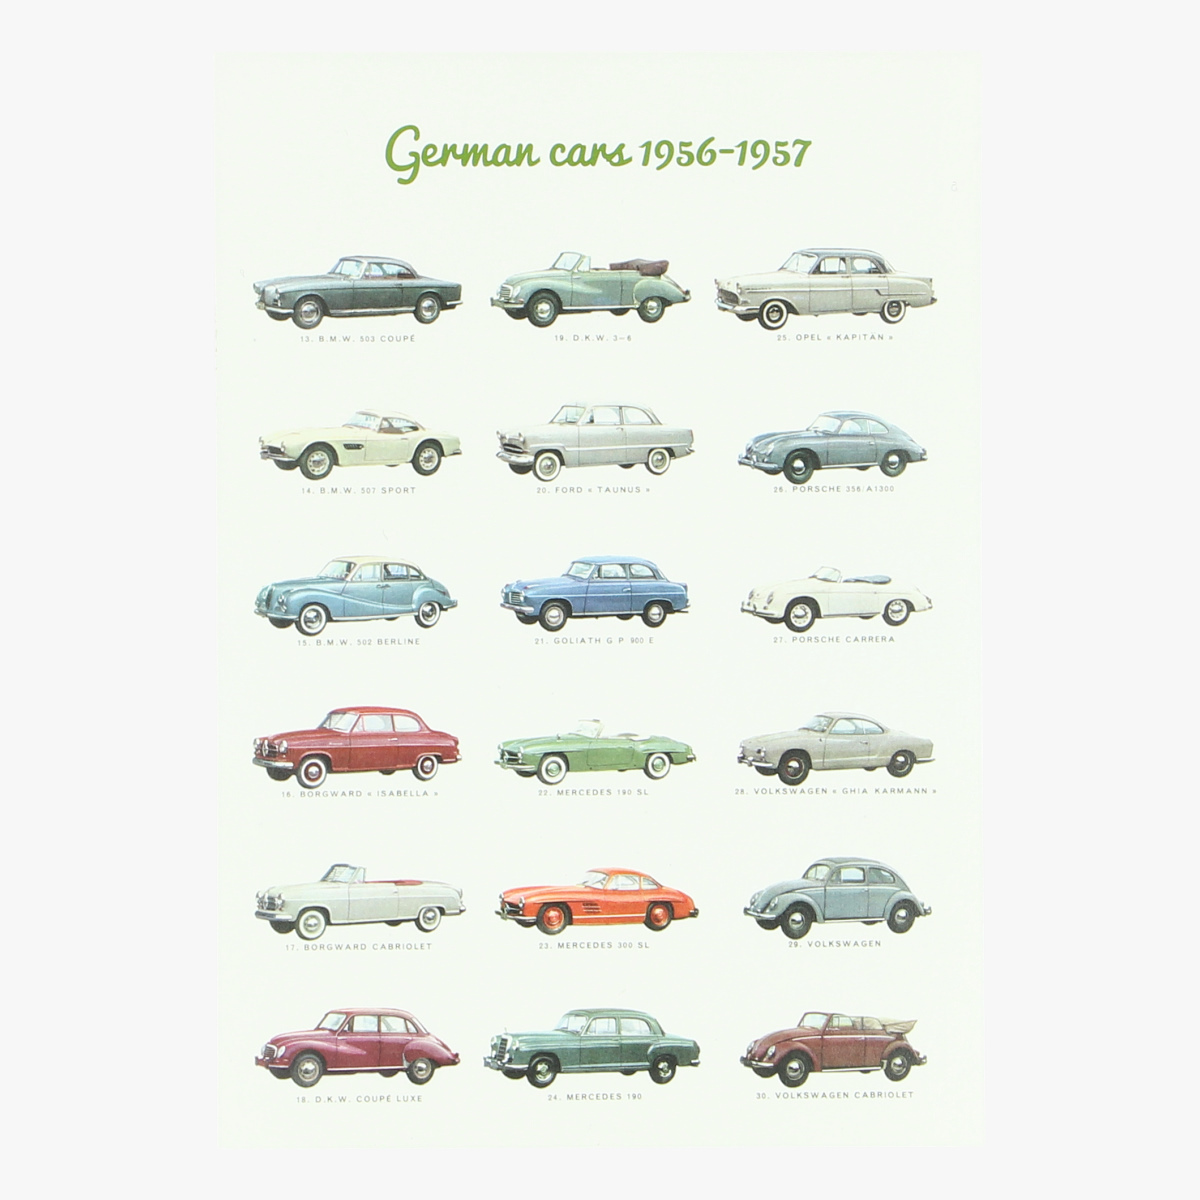 Afbeeldingen van postkaart german cars 1956-1957 repro